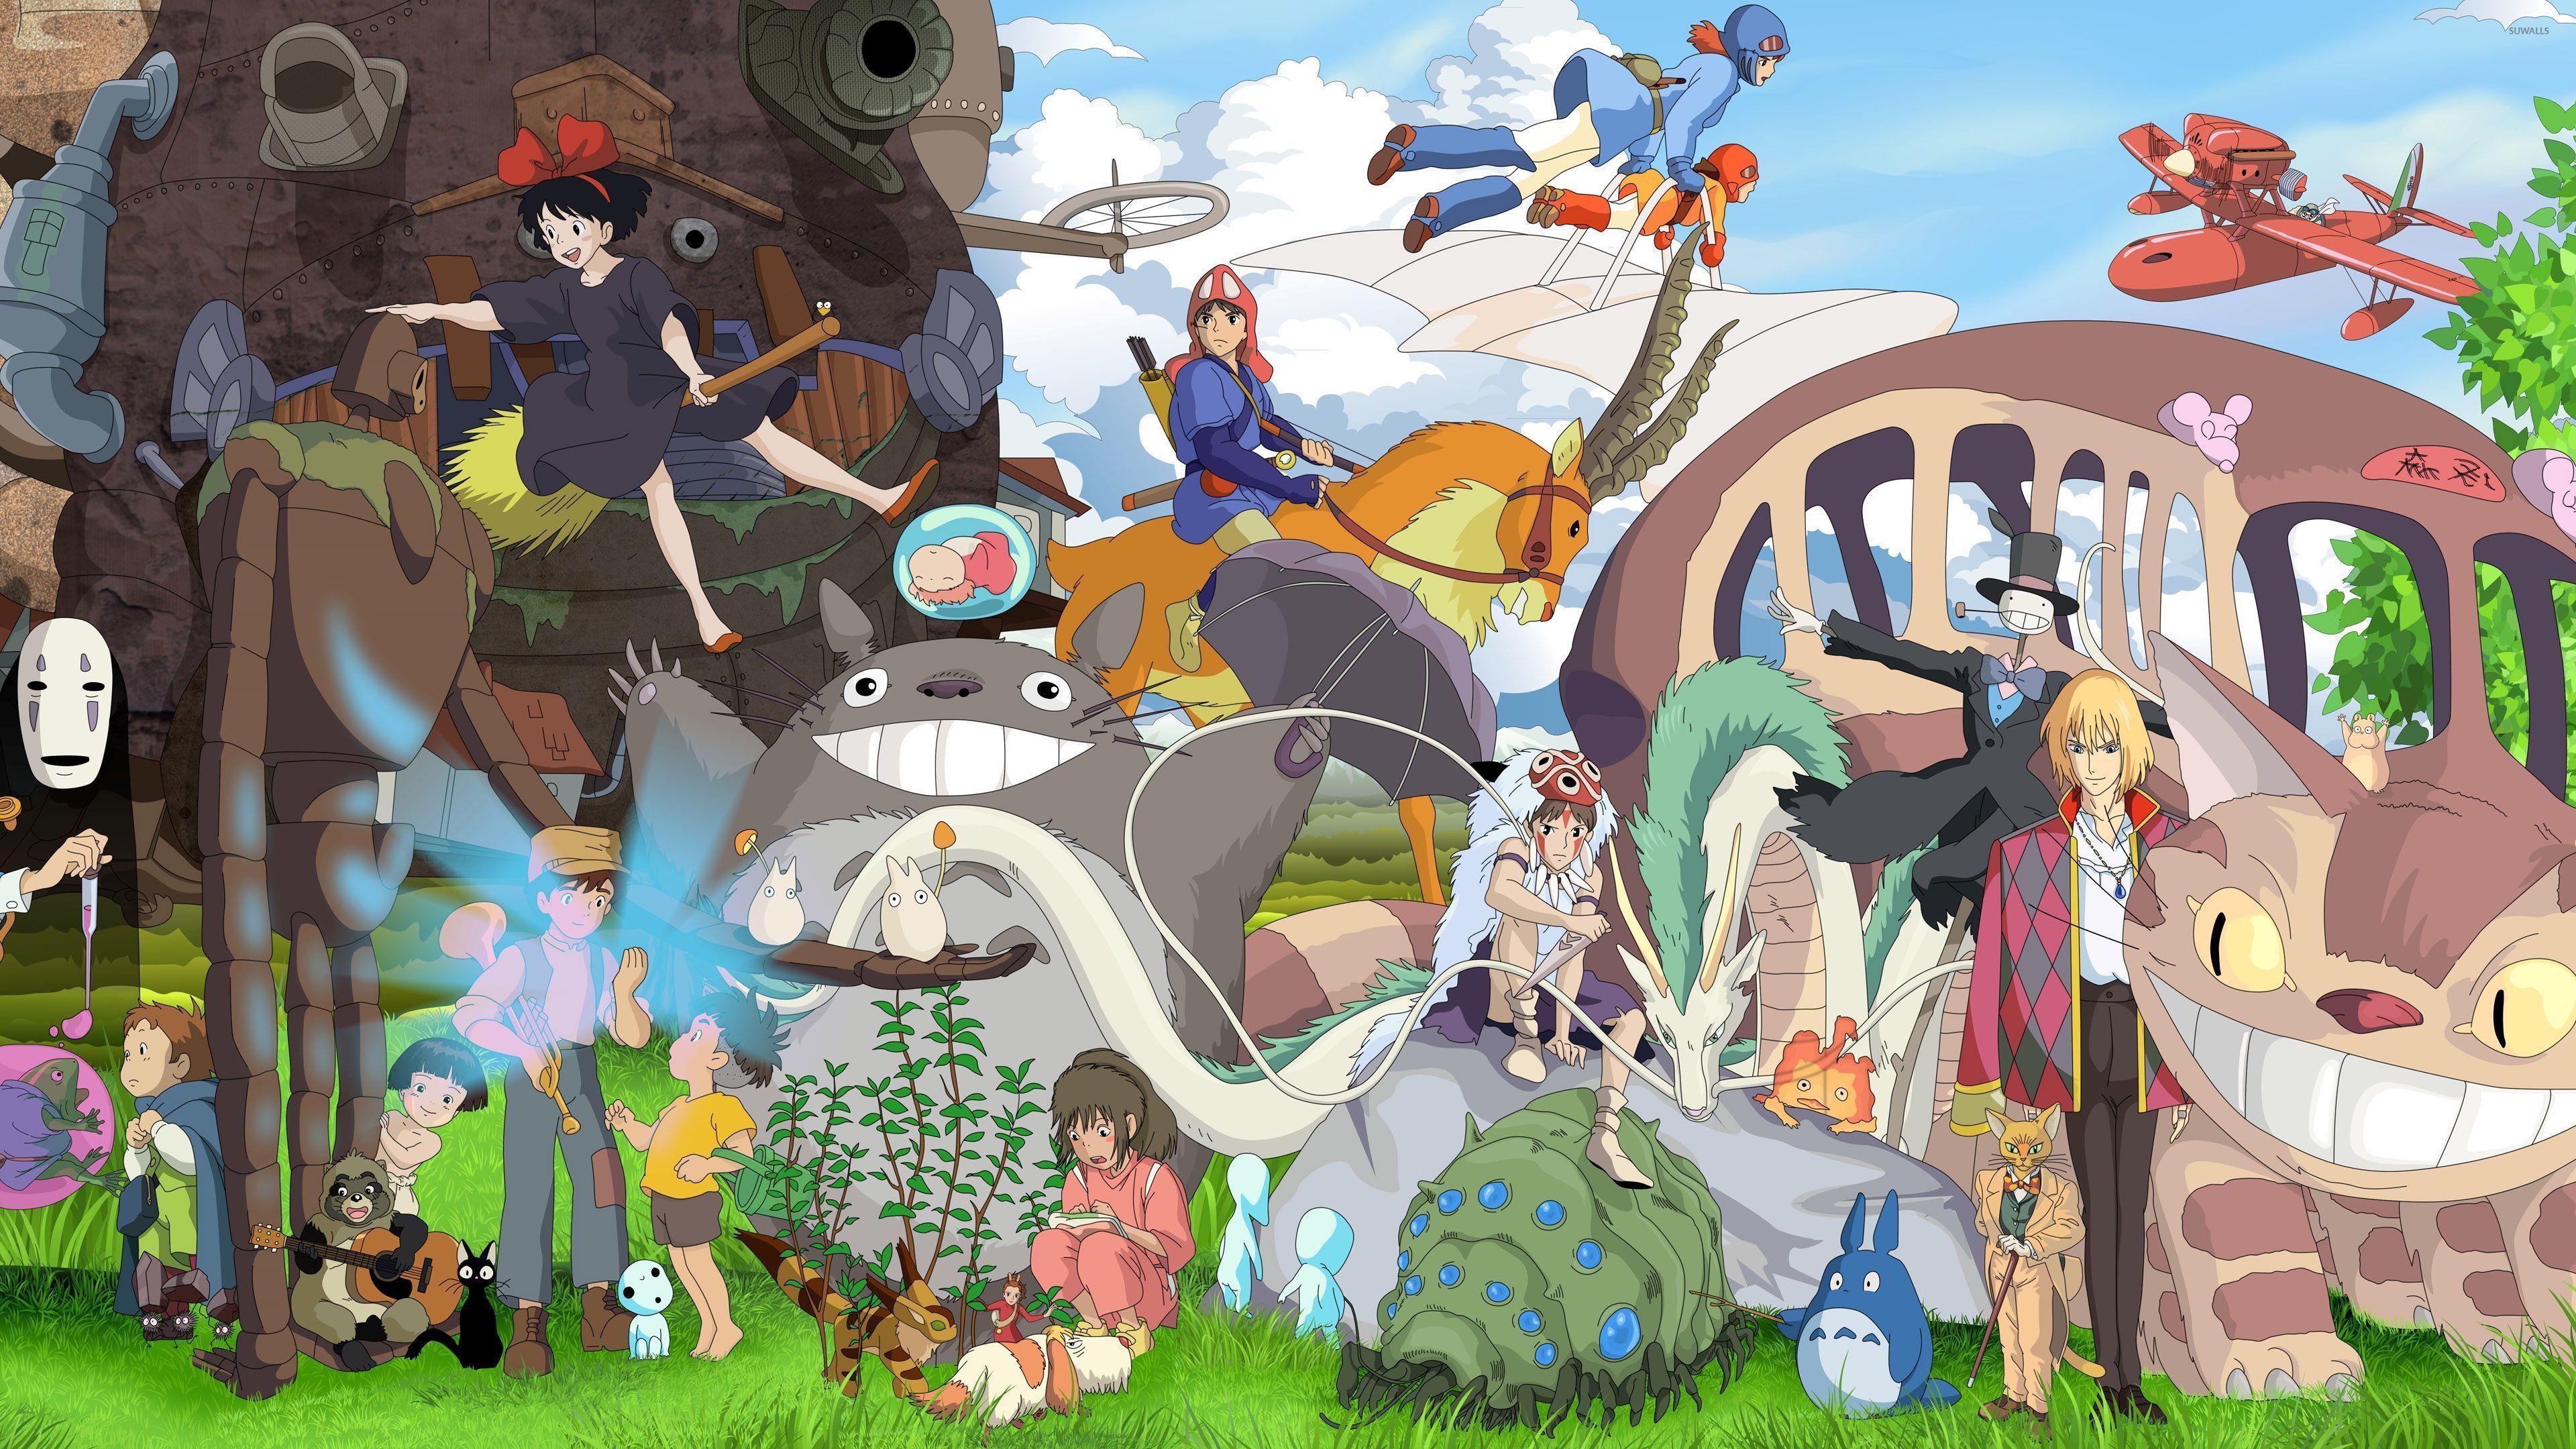 Hình nền các nhân vật 3840x2160 Studio Ghibli - Hình nền anime